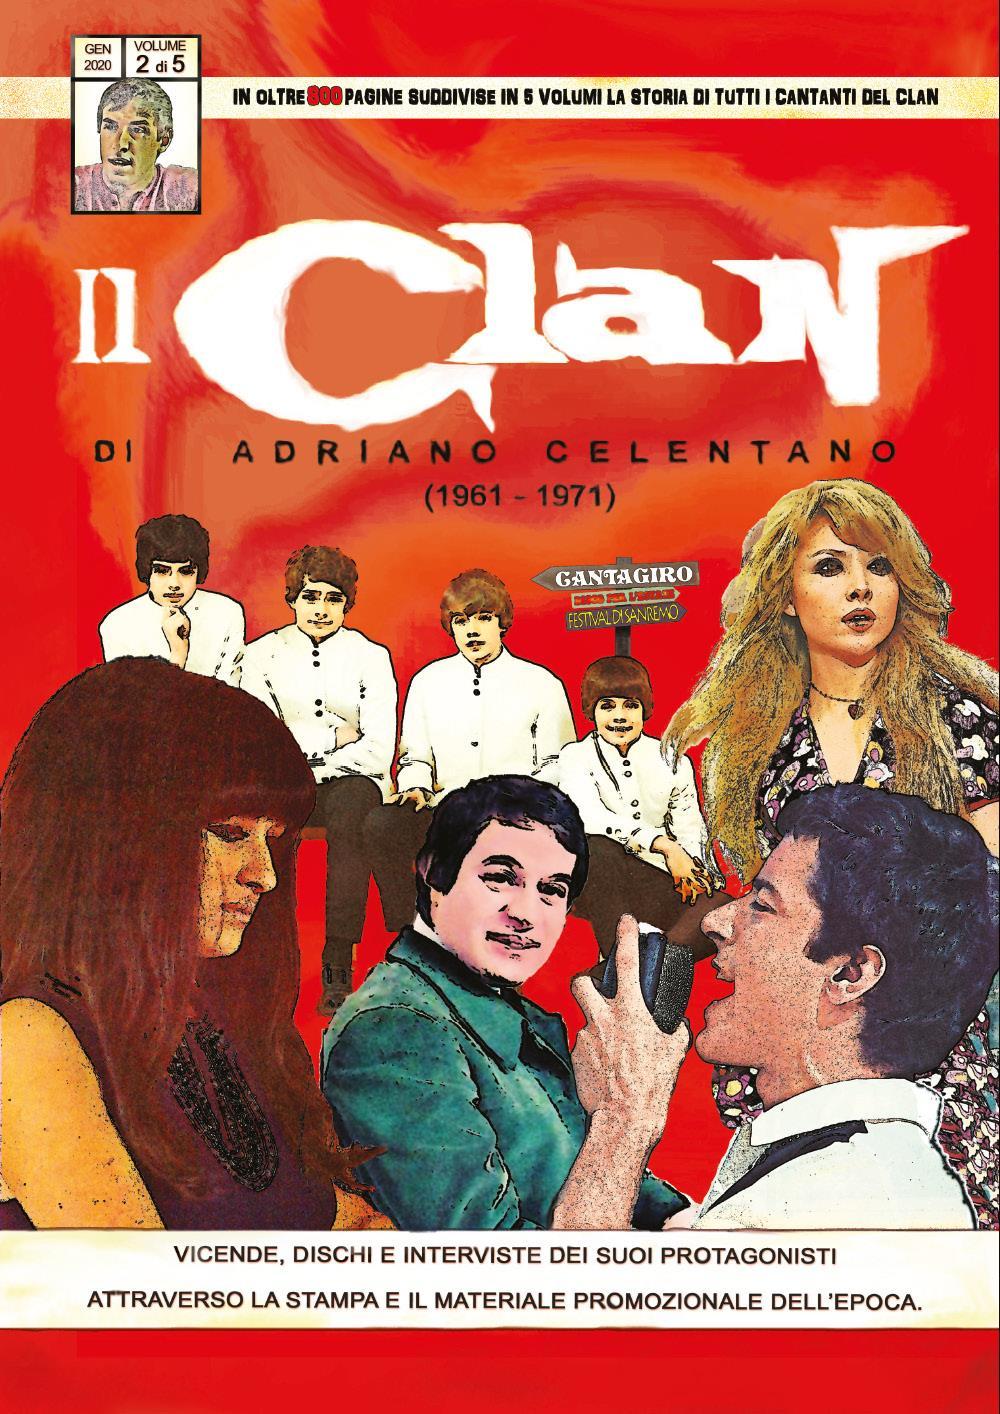 Il Clan di Adriano Celentano (1961 - 1971) Volume 2